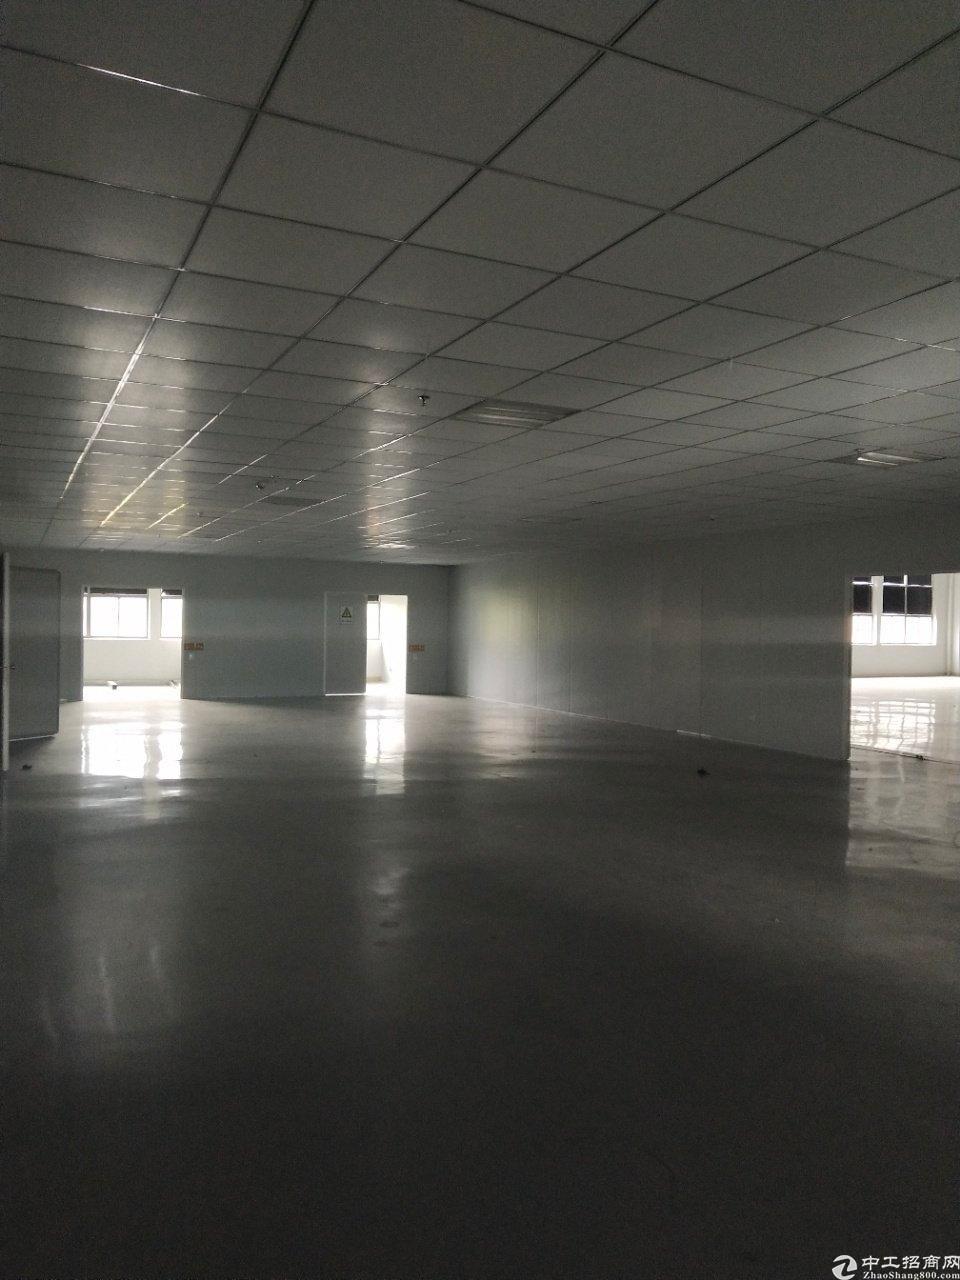 陈江千级无尘车间做口罩标准厂房1500平超低价出租